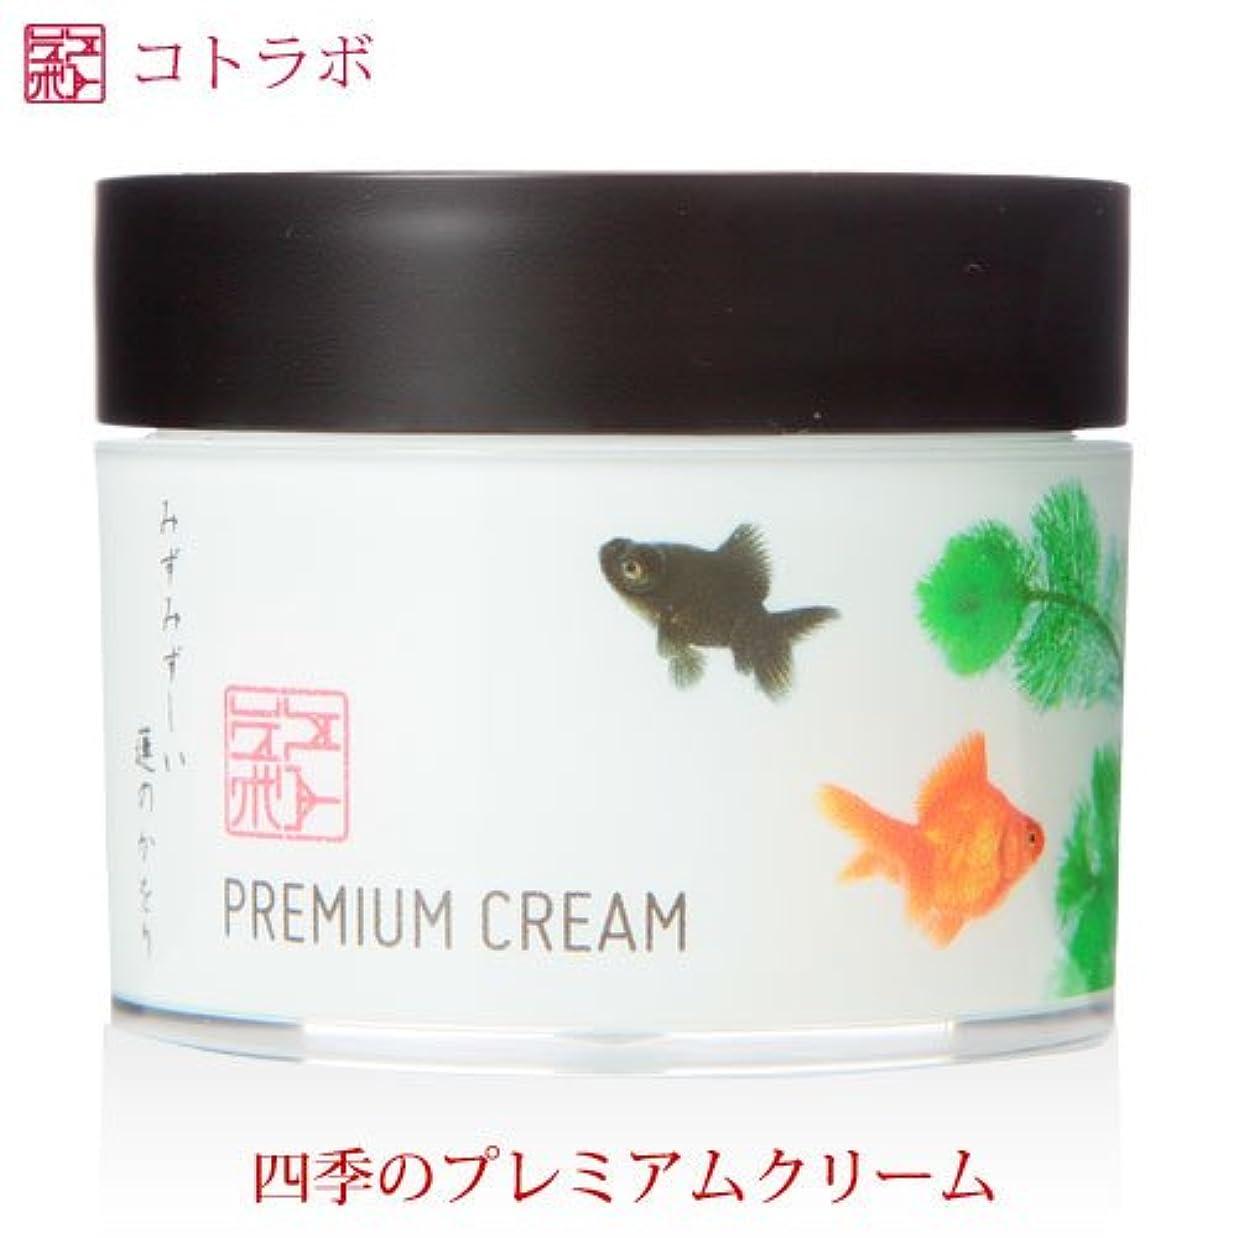 ぶどう意欲氷コトラボ 四季のプレミアムクリーム夏蓮の香り50g